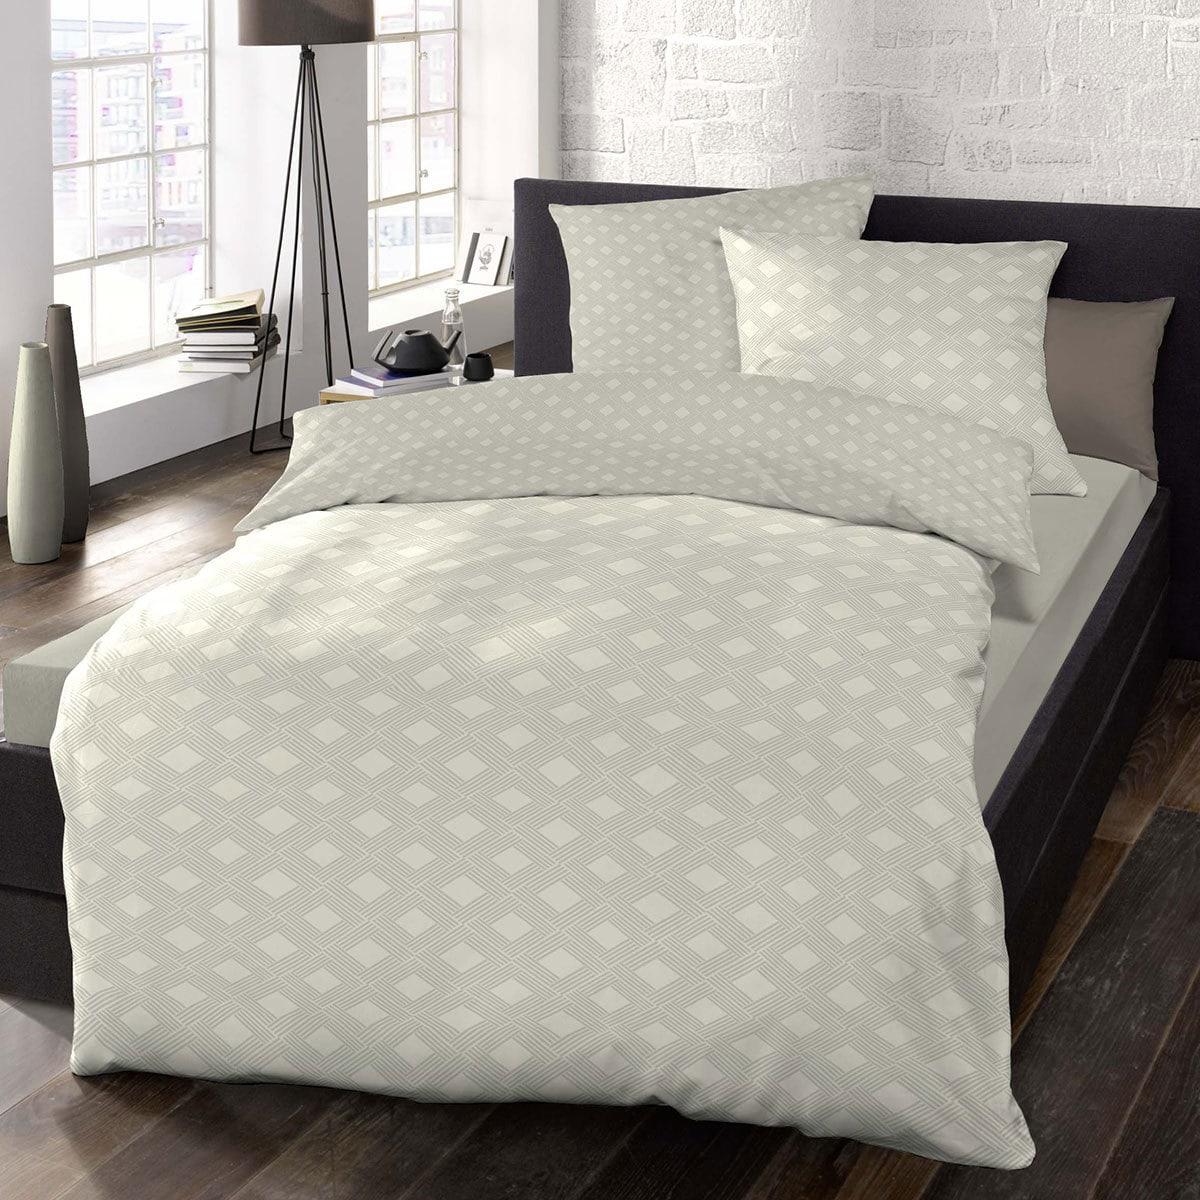 schlafgut soft touch cotton wendebettw sche colora koriander g nstig online kaufen bei bettwaren. Black Bedroom Furniture Sets. Home Design Ideas